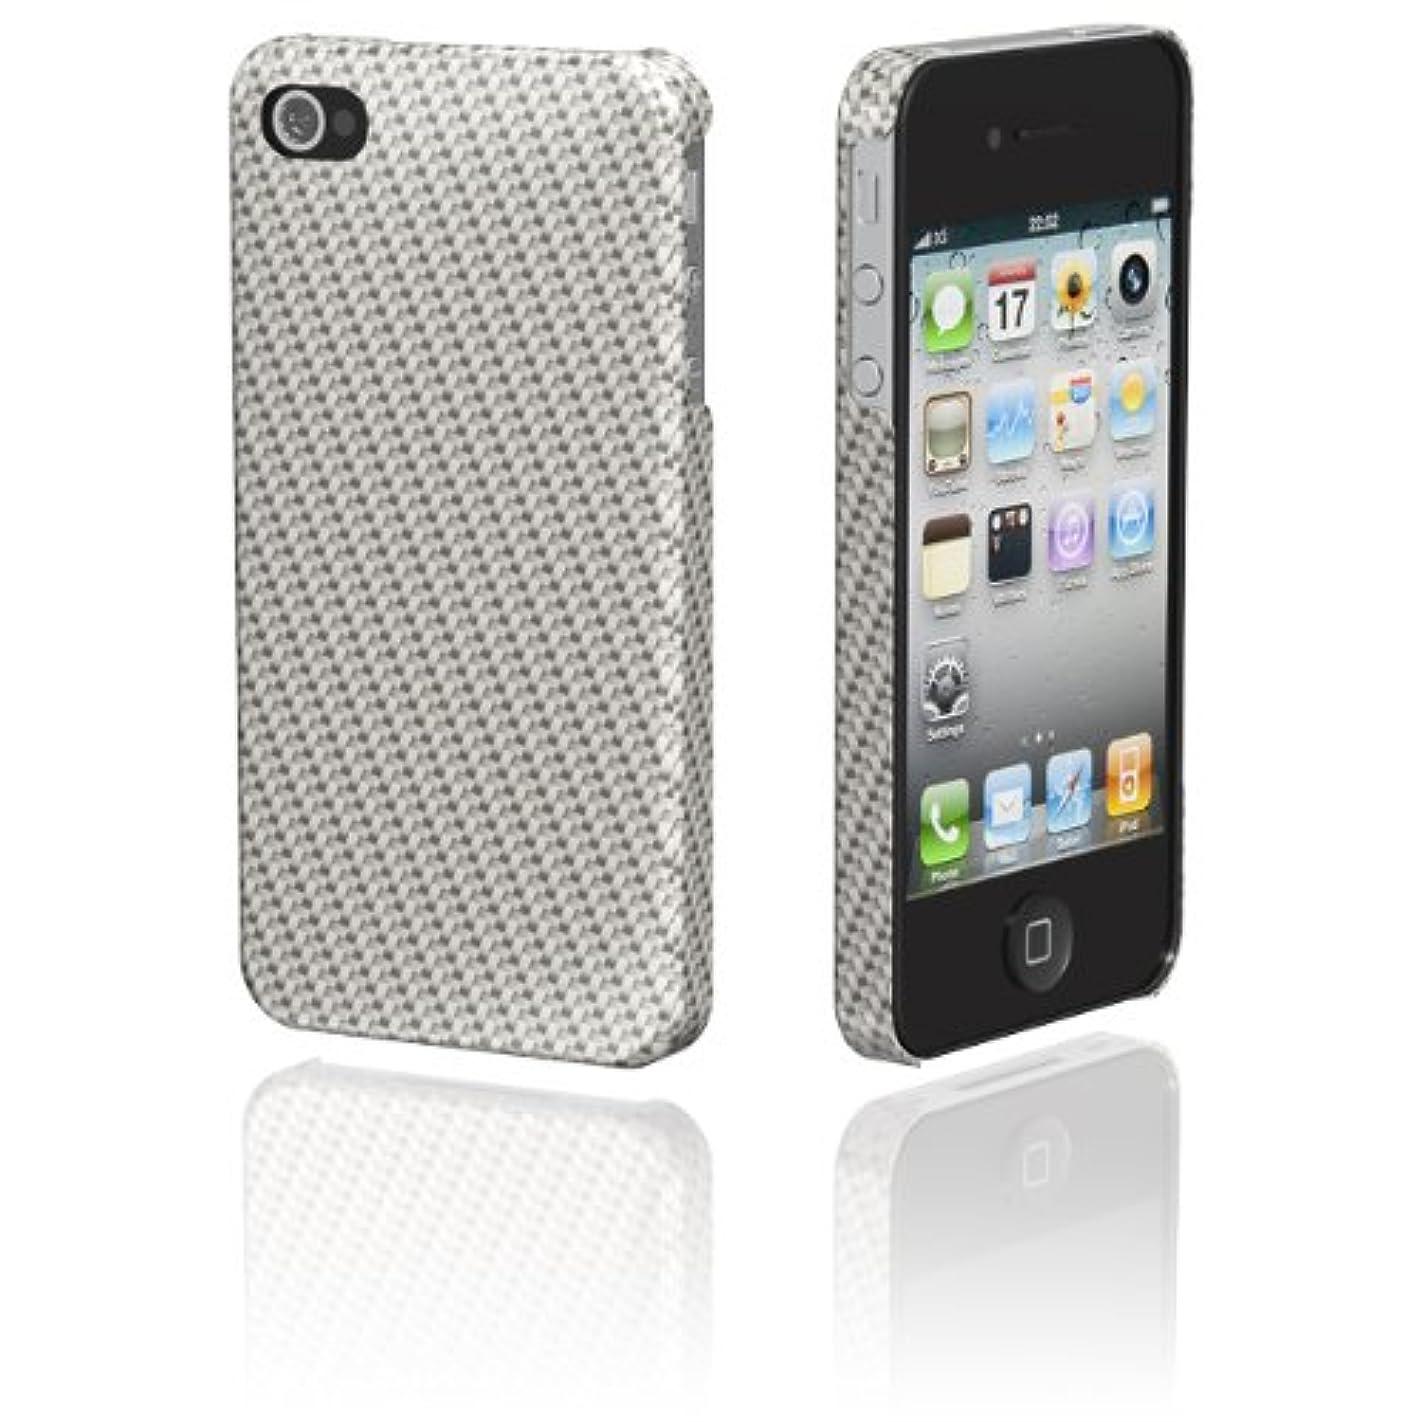 鈍い農夫アンビエントMSY GRAPHT iPhone4S/4両対応 Ultima Series Real Glass Fiber Case for iPhone 4/4S シルバーAPA04-003SIL